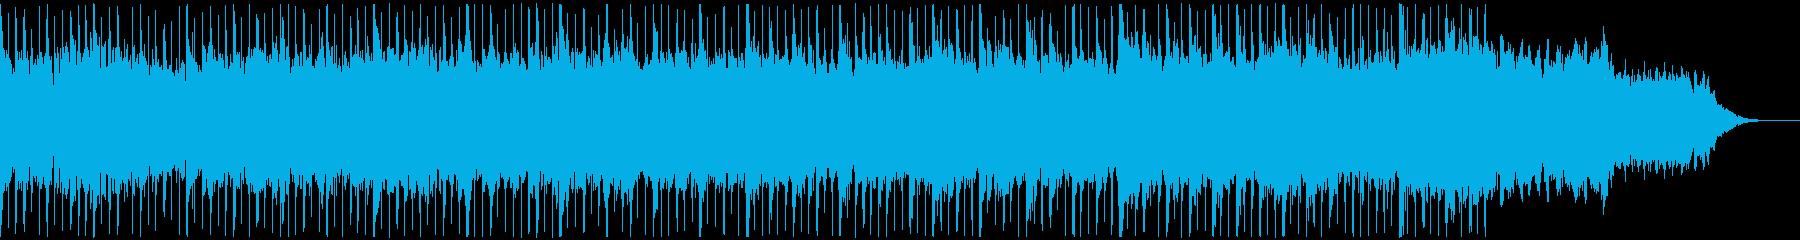 感動表現、CM,ブライダル、クリスマスの再生済みの波形